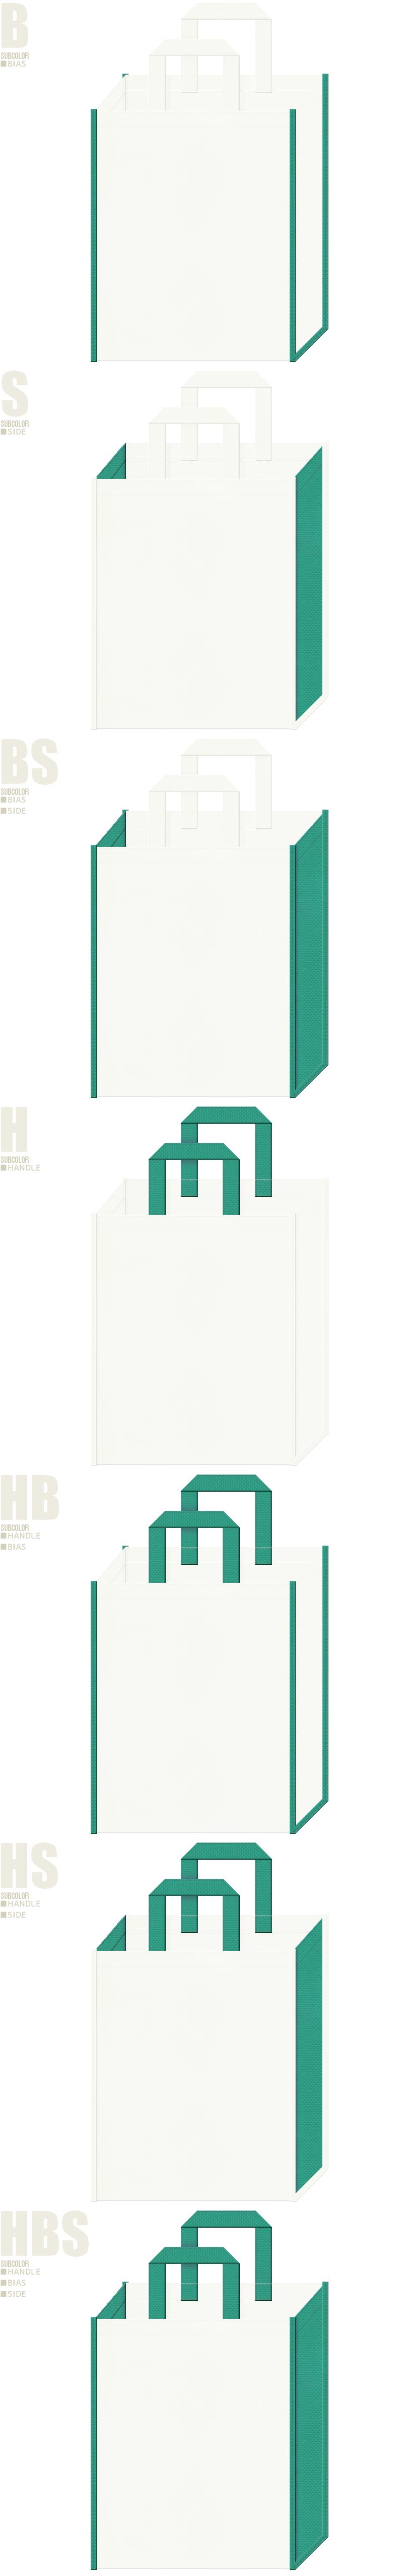 オフホワイト色と青緑色、7パターンの不織布トートバッグ配色デザイン例。掃除・洗濯・クリーニング用品の展示会用バッグにお奨めです。